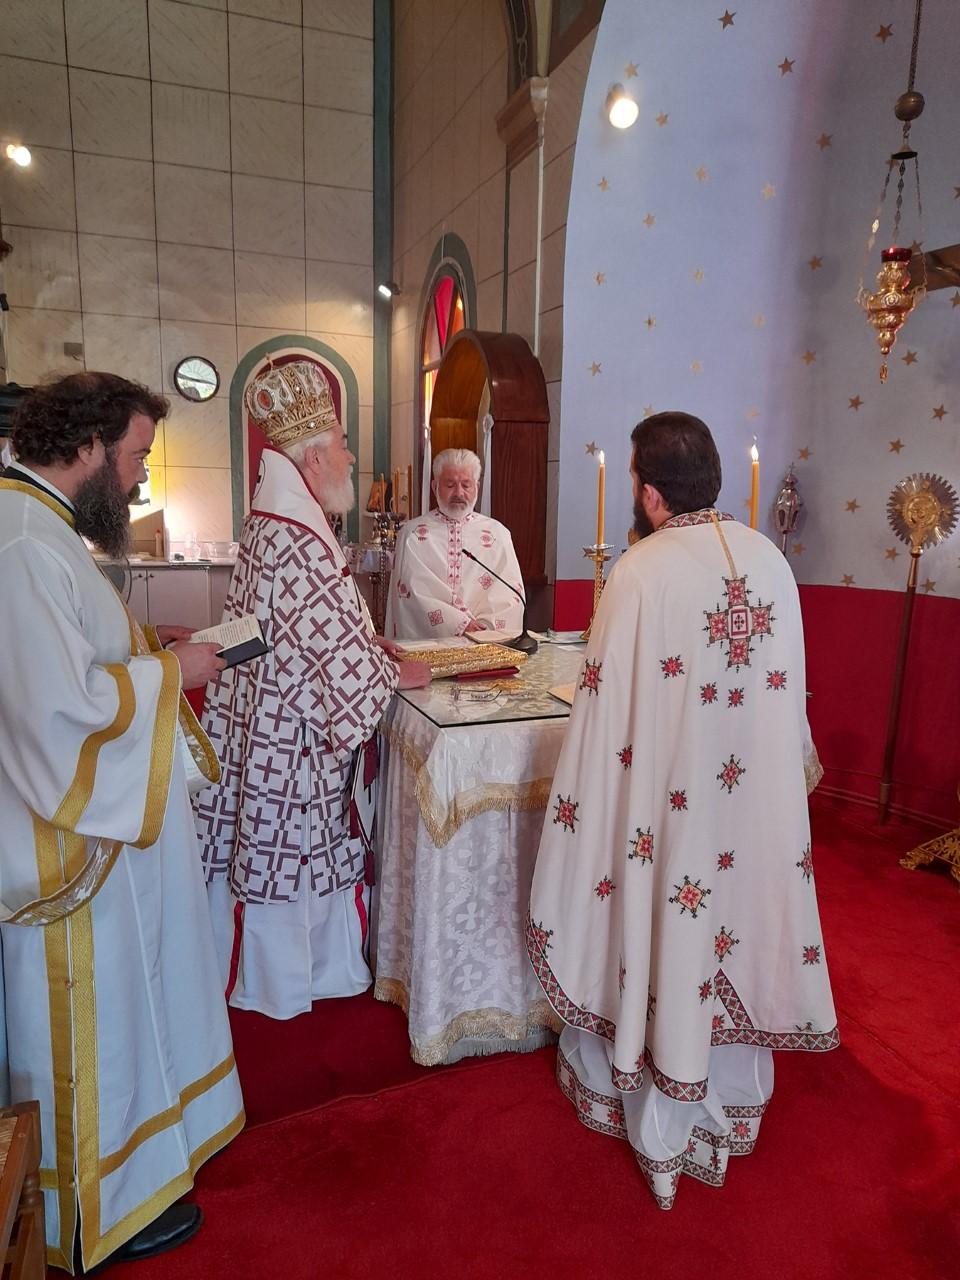 Μητροπολίτης Φωκίδος κ. Θεόκτιστος: Η στάση του χριστιανού μέσα στην εκκλησία